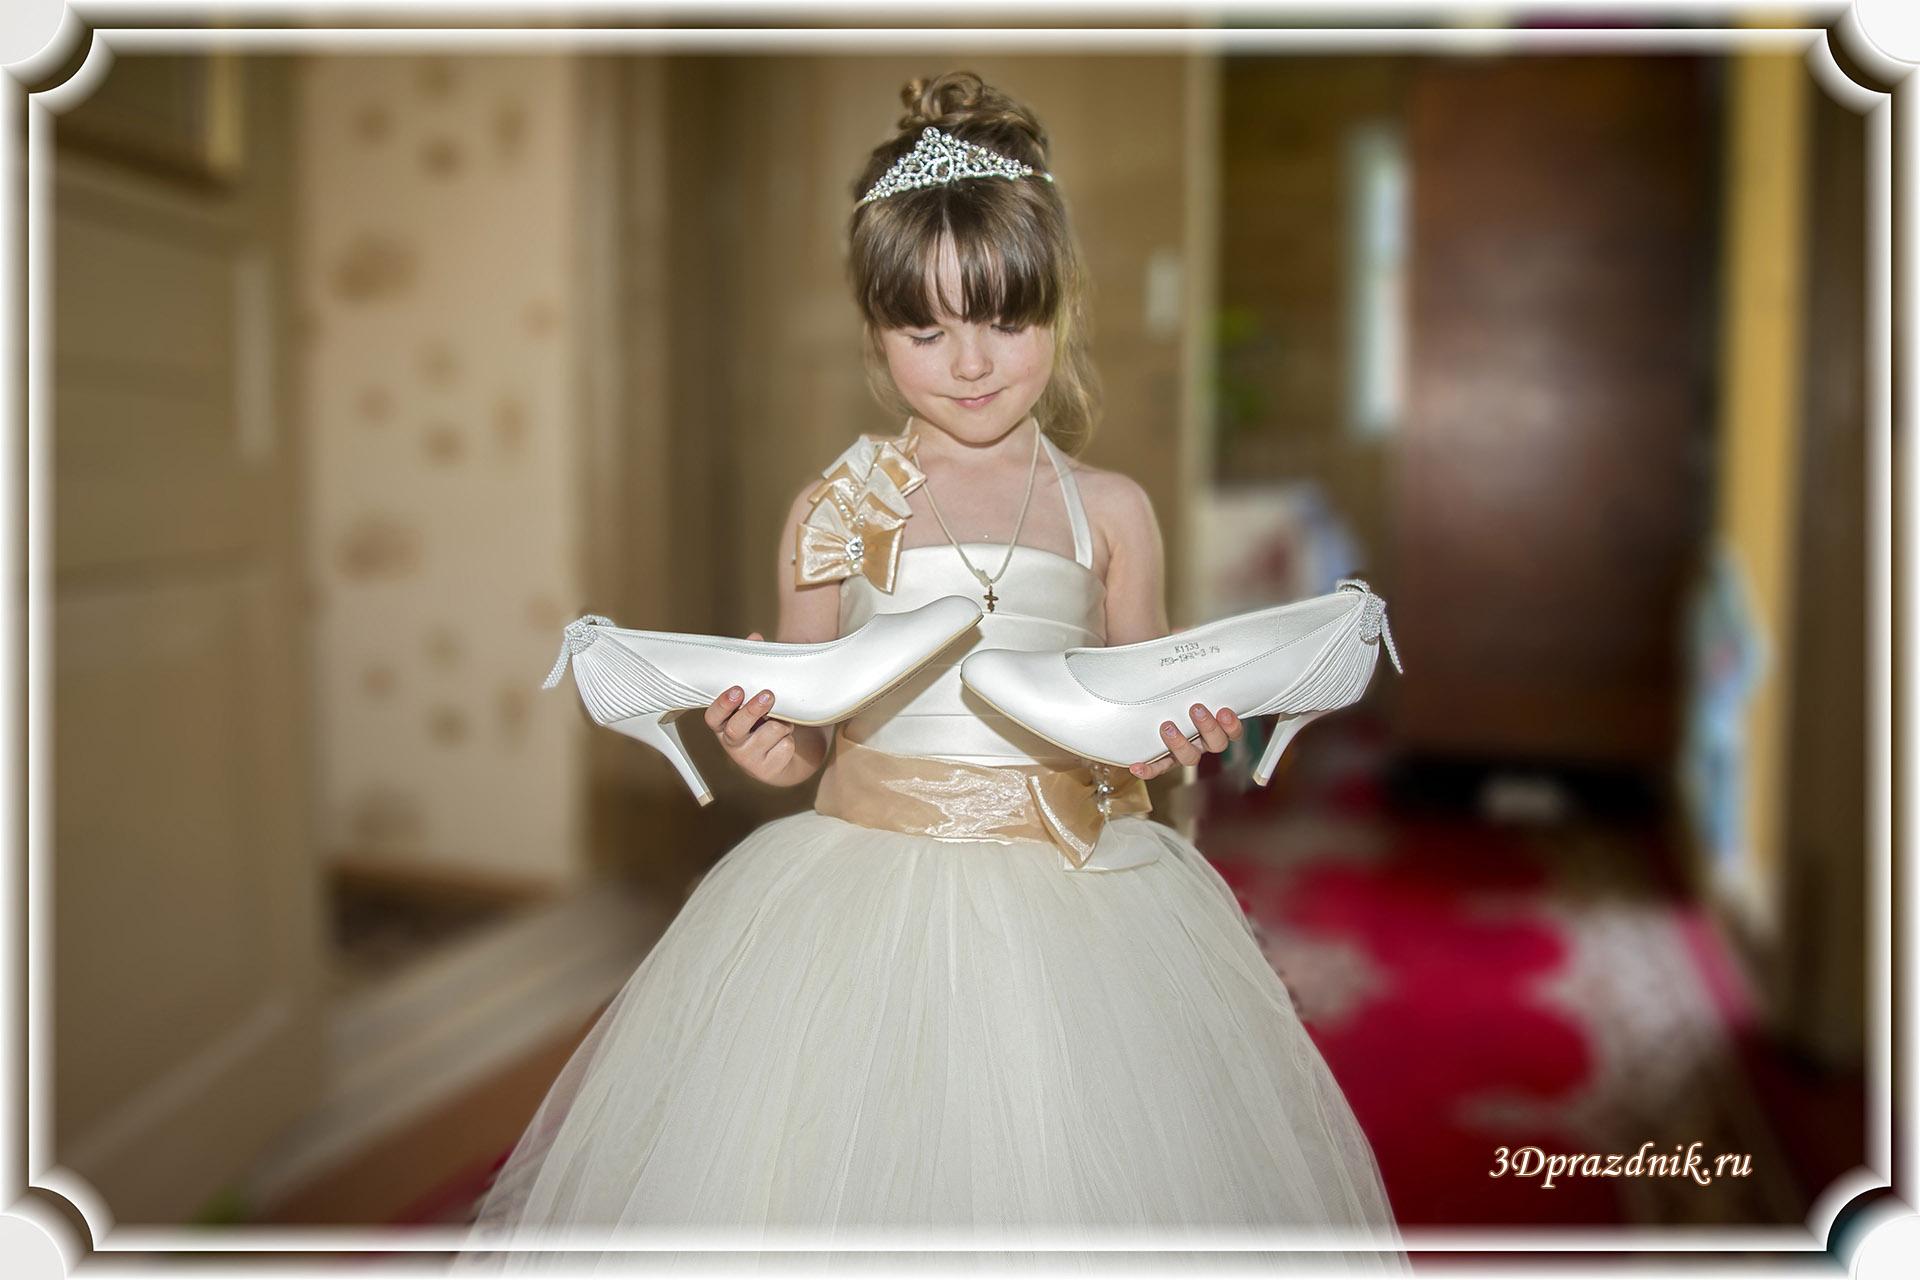 Маленькая принцесса и туфли невесты